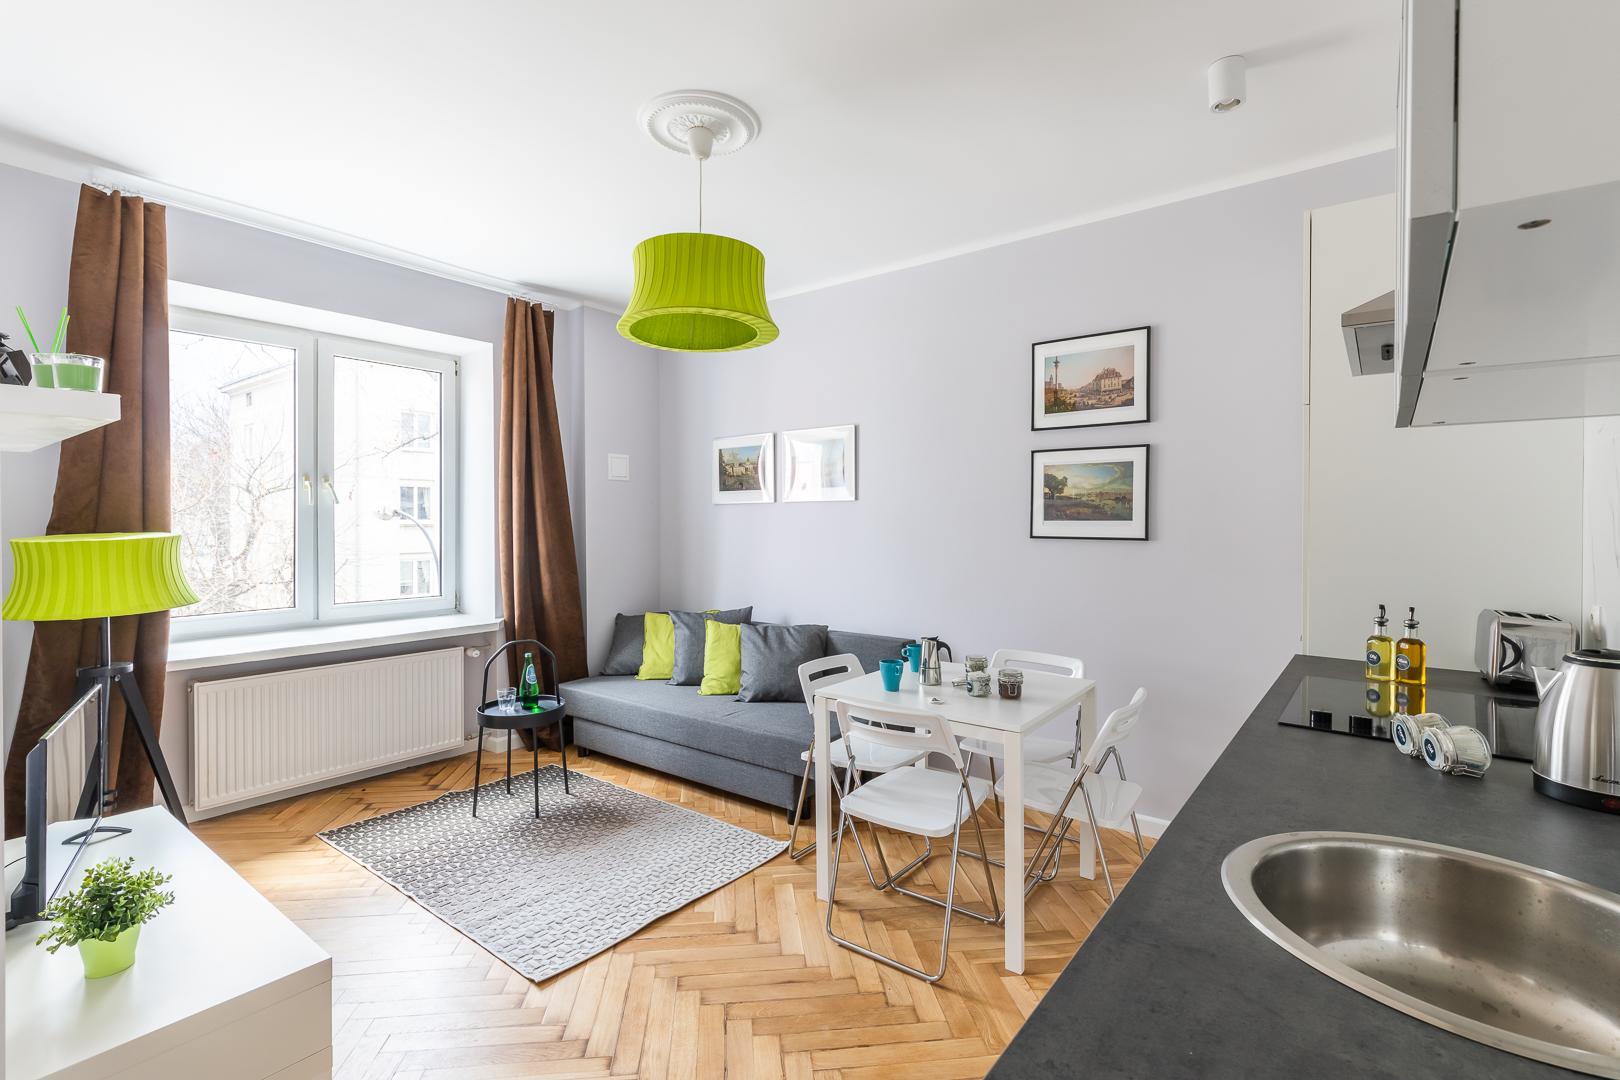 Living room at Franciszkaska 10 Apartment